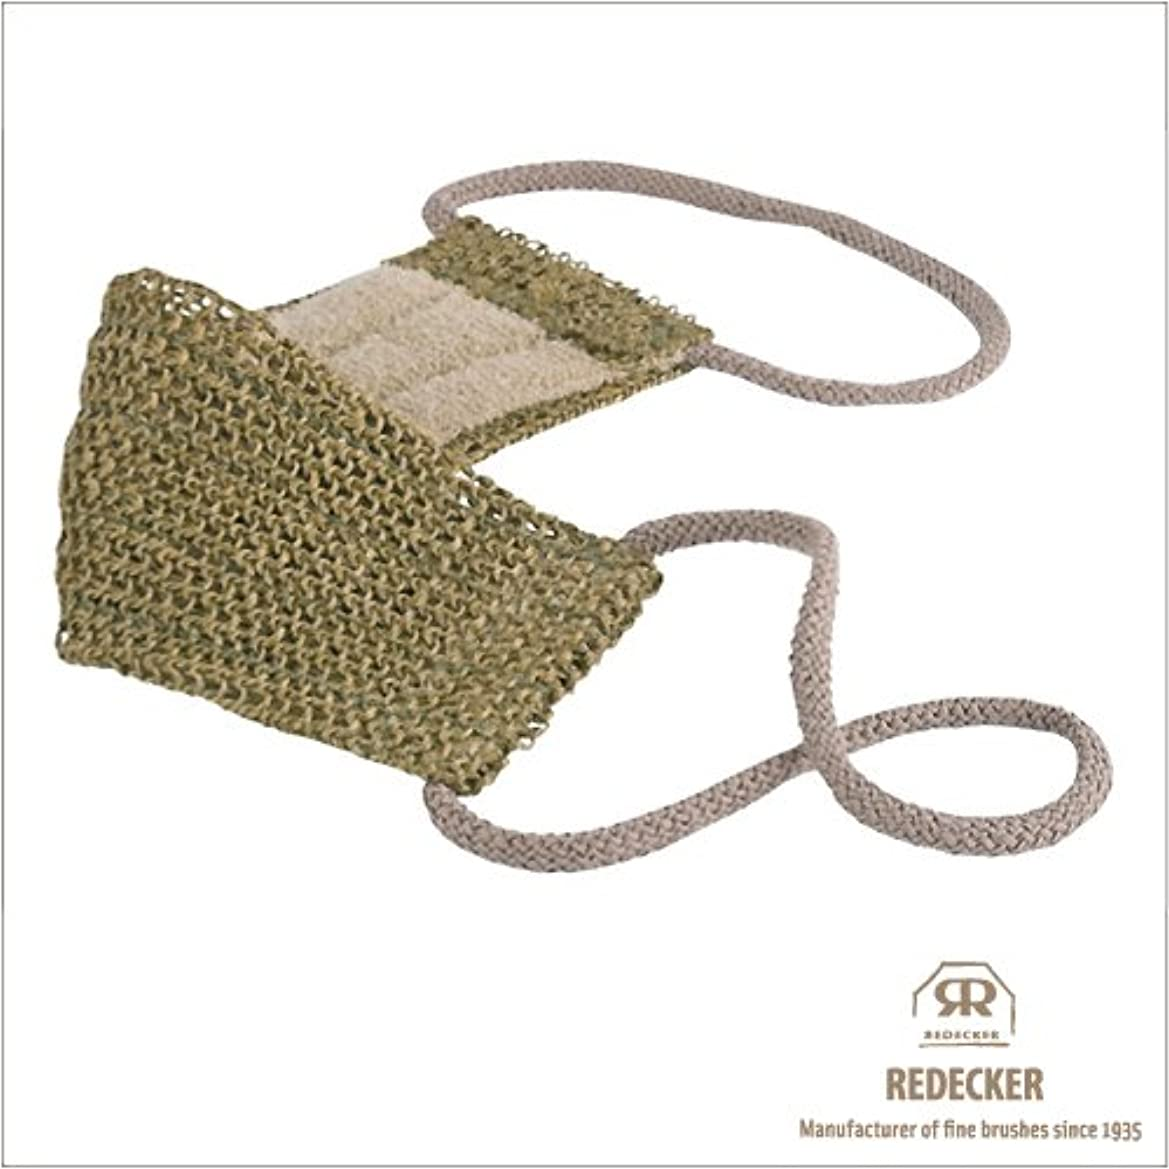 [REDECKER/レデッカー]サイザル麻のマッサージベルト